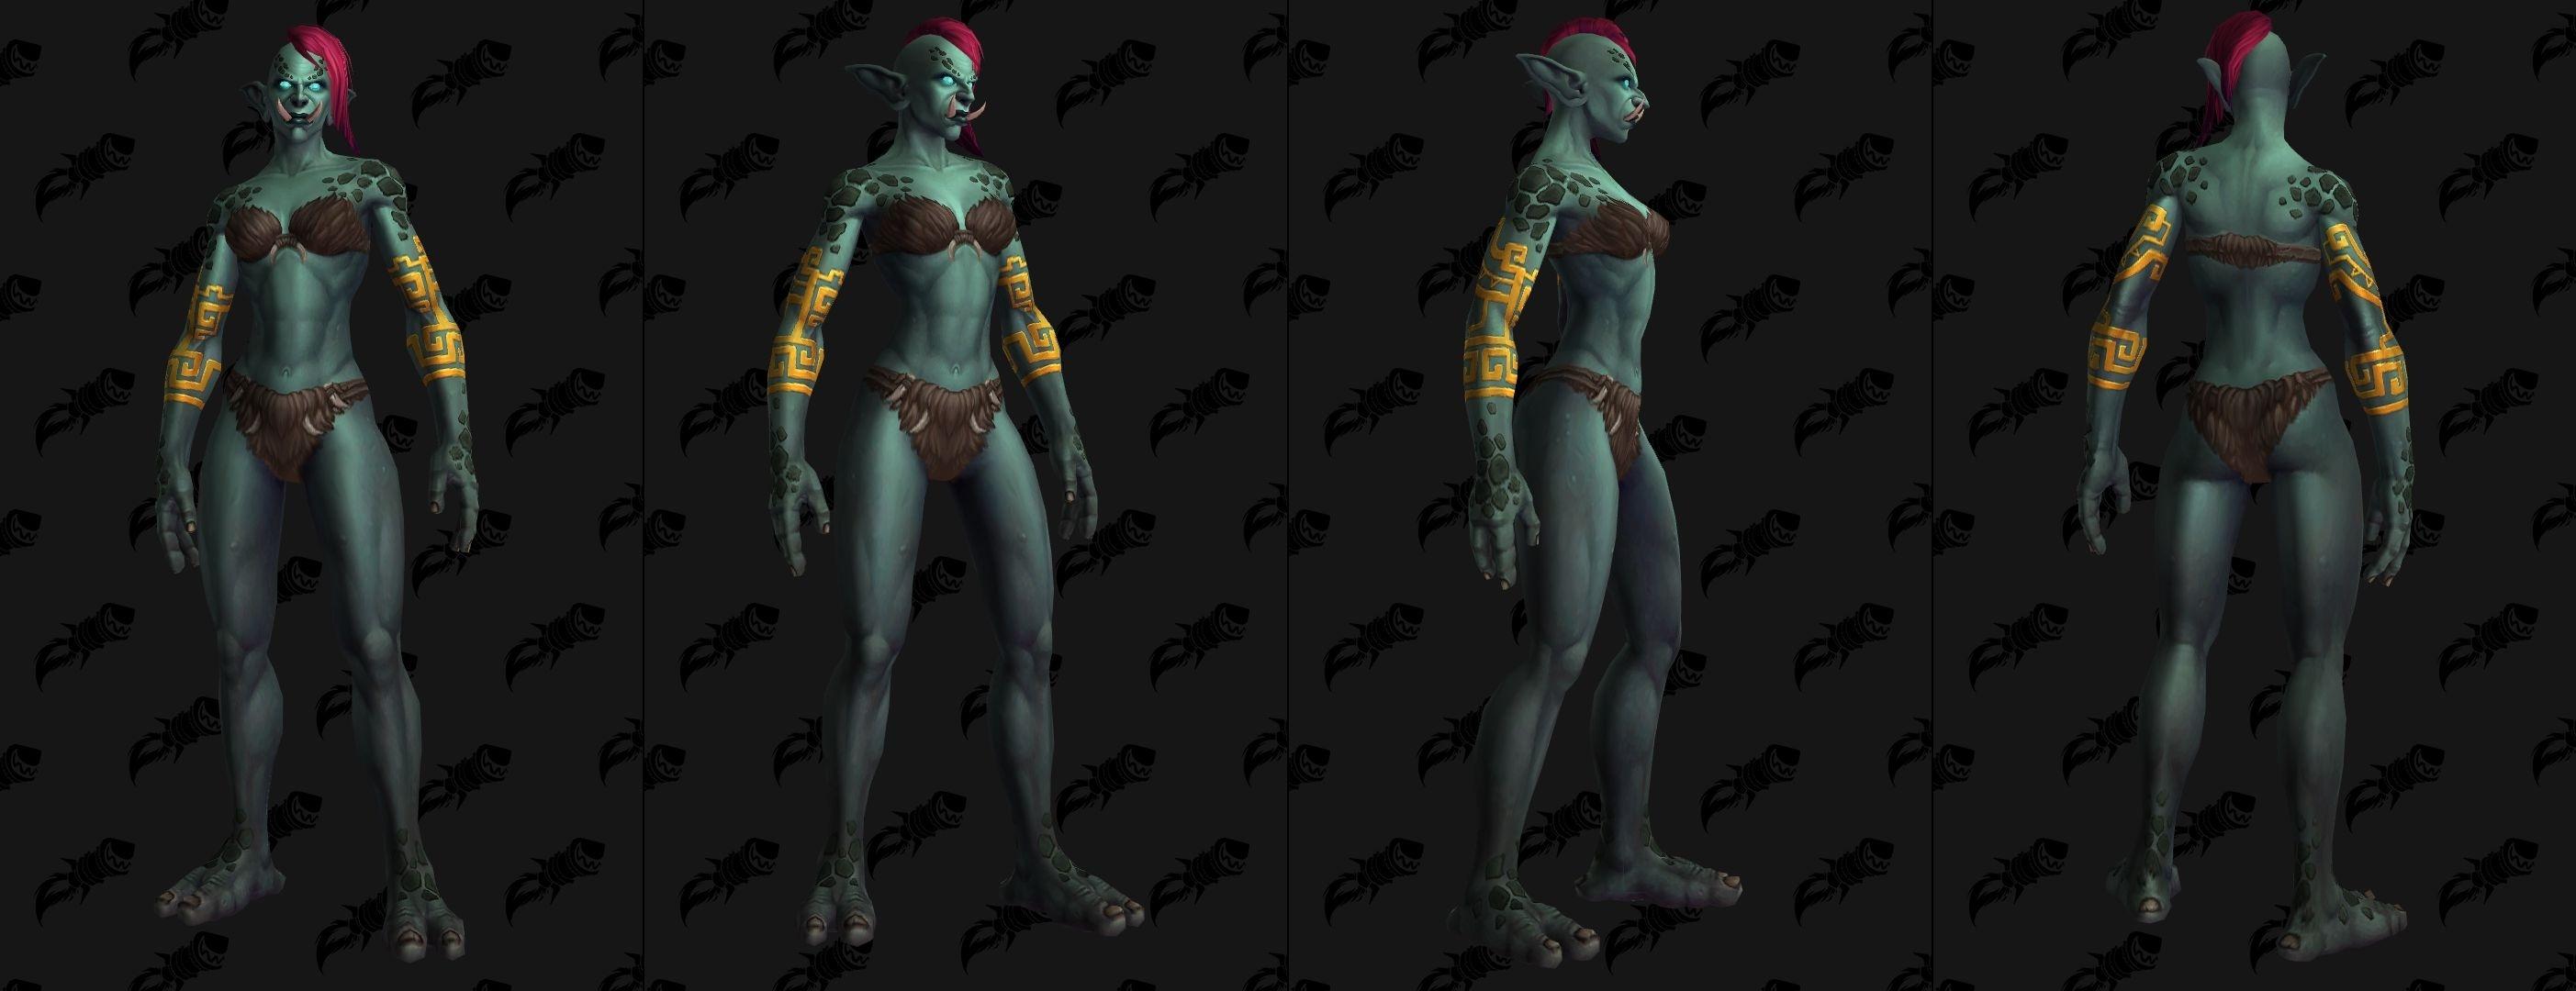 土豪金 赞达拉巨魔纹身定制选项颜色改变